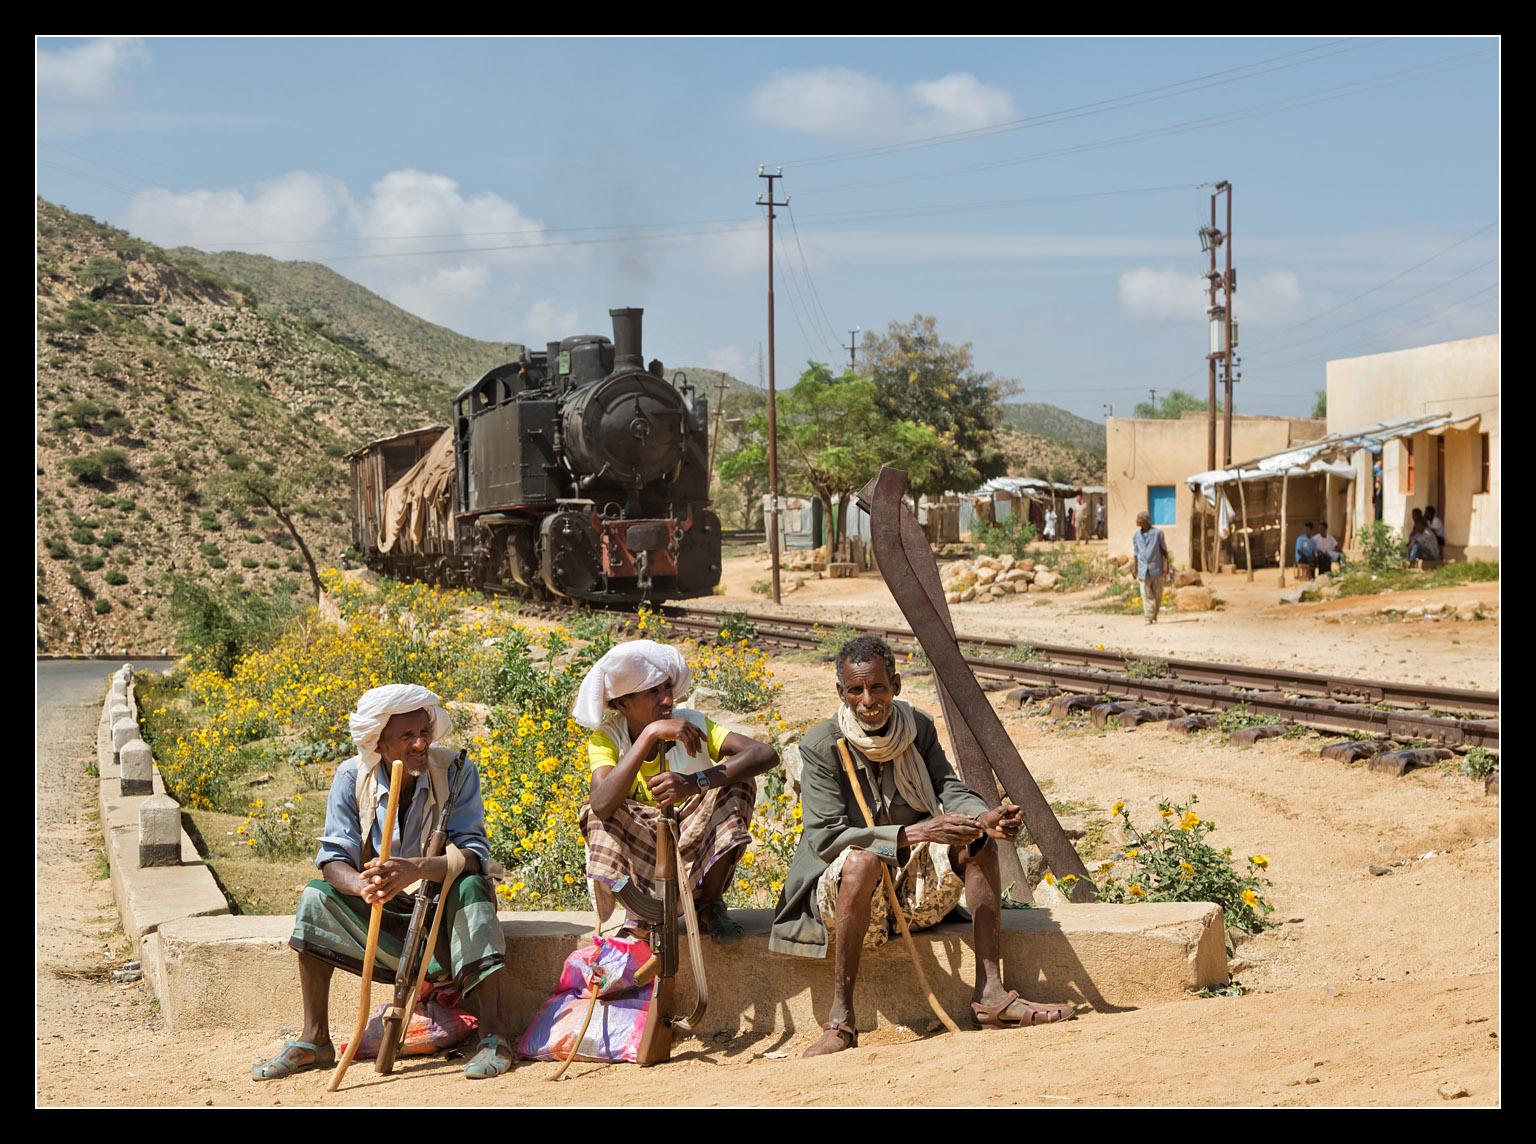 http://raildata.info/eritrea18/eri0738.jpg